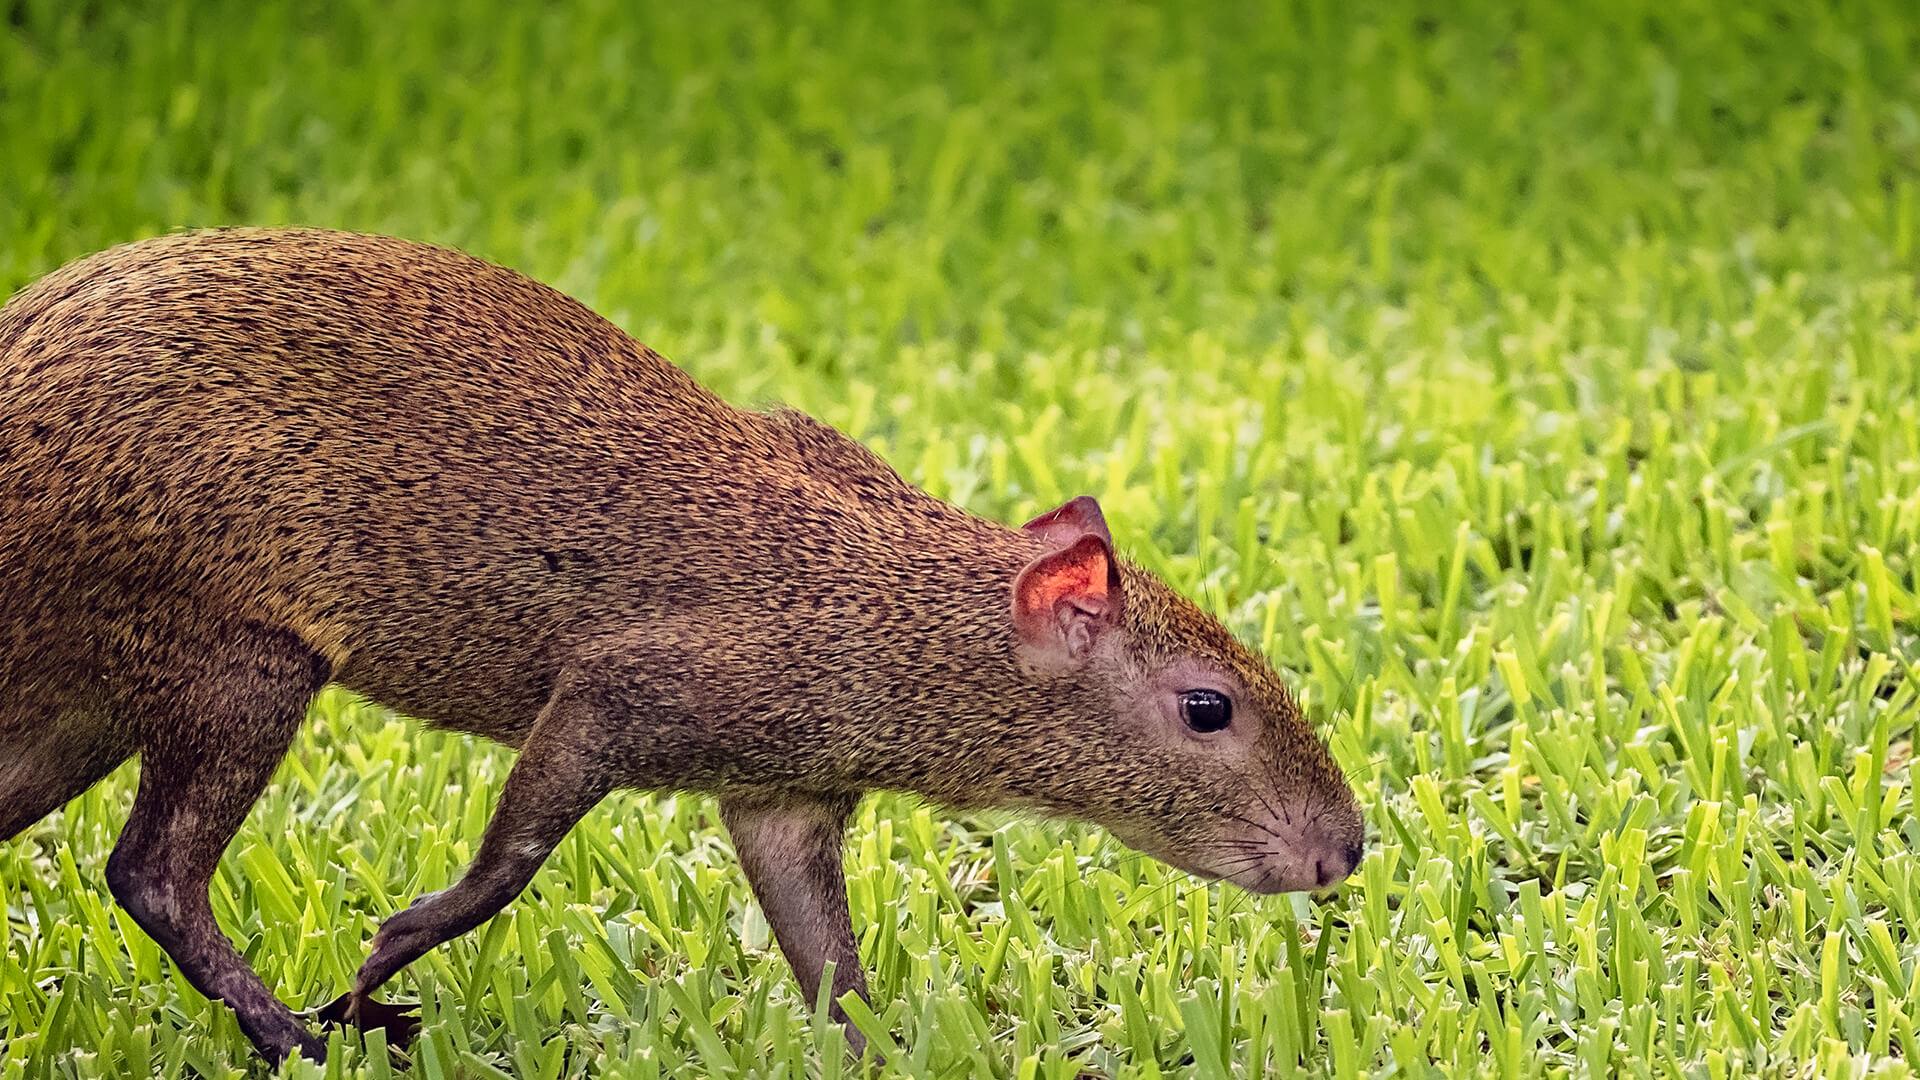 agouti san diego zoo animals amp plants